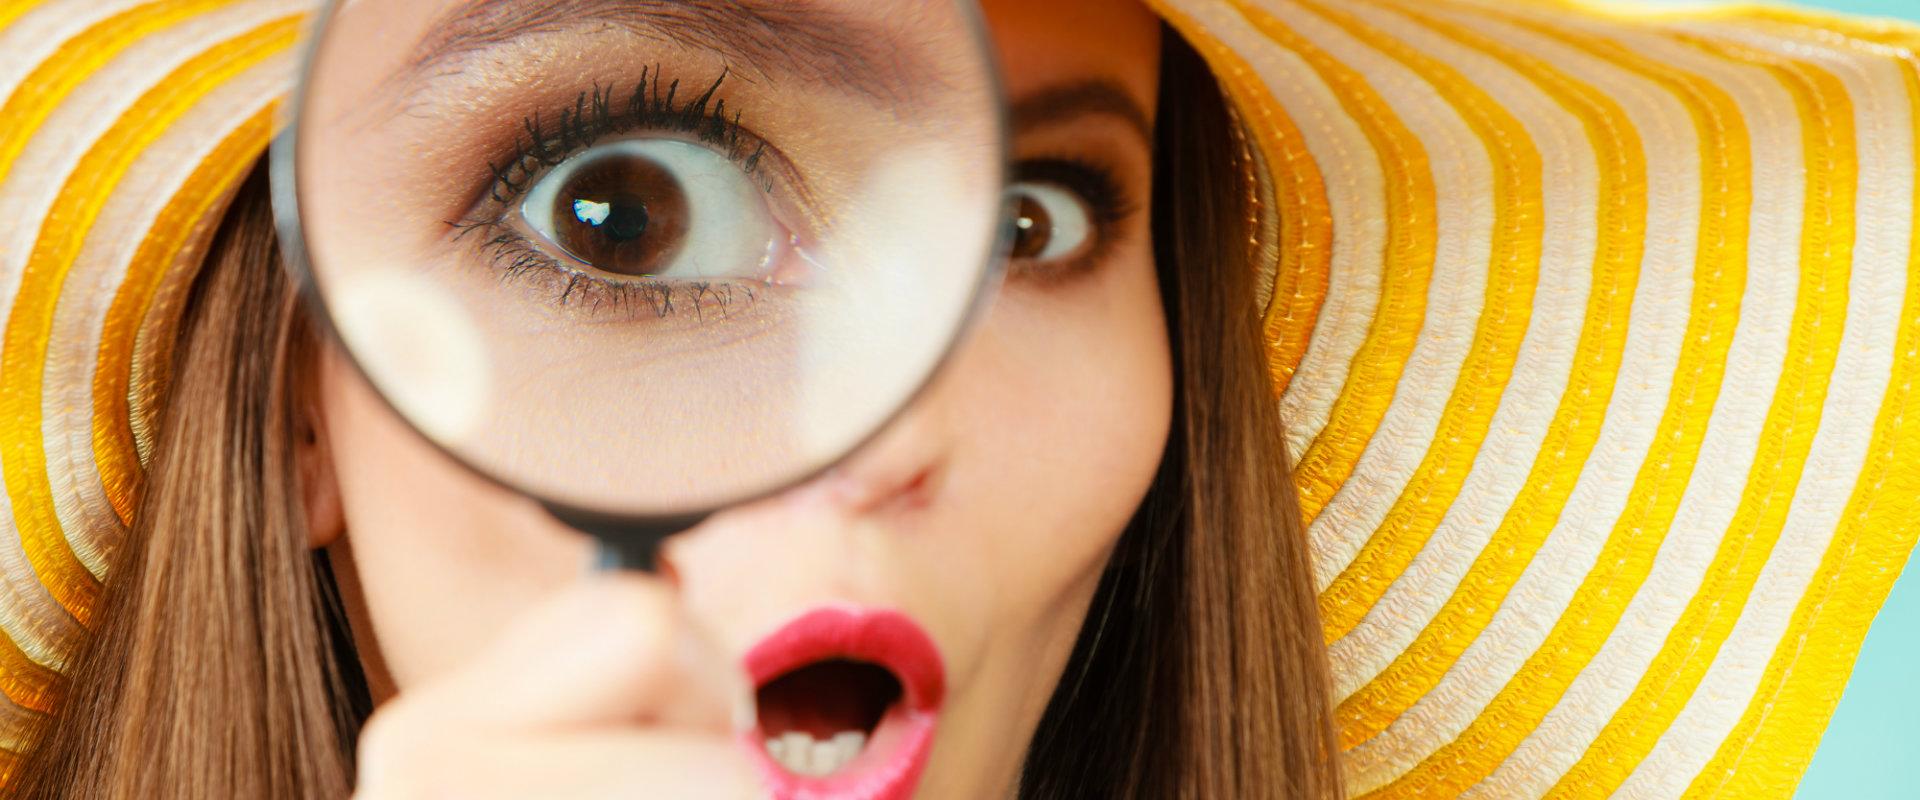 Mujer sostiene una lupa cerca de su ojo y se sorprende